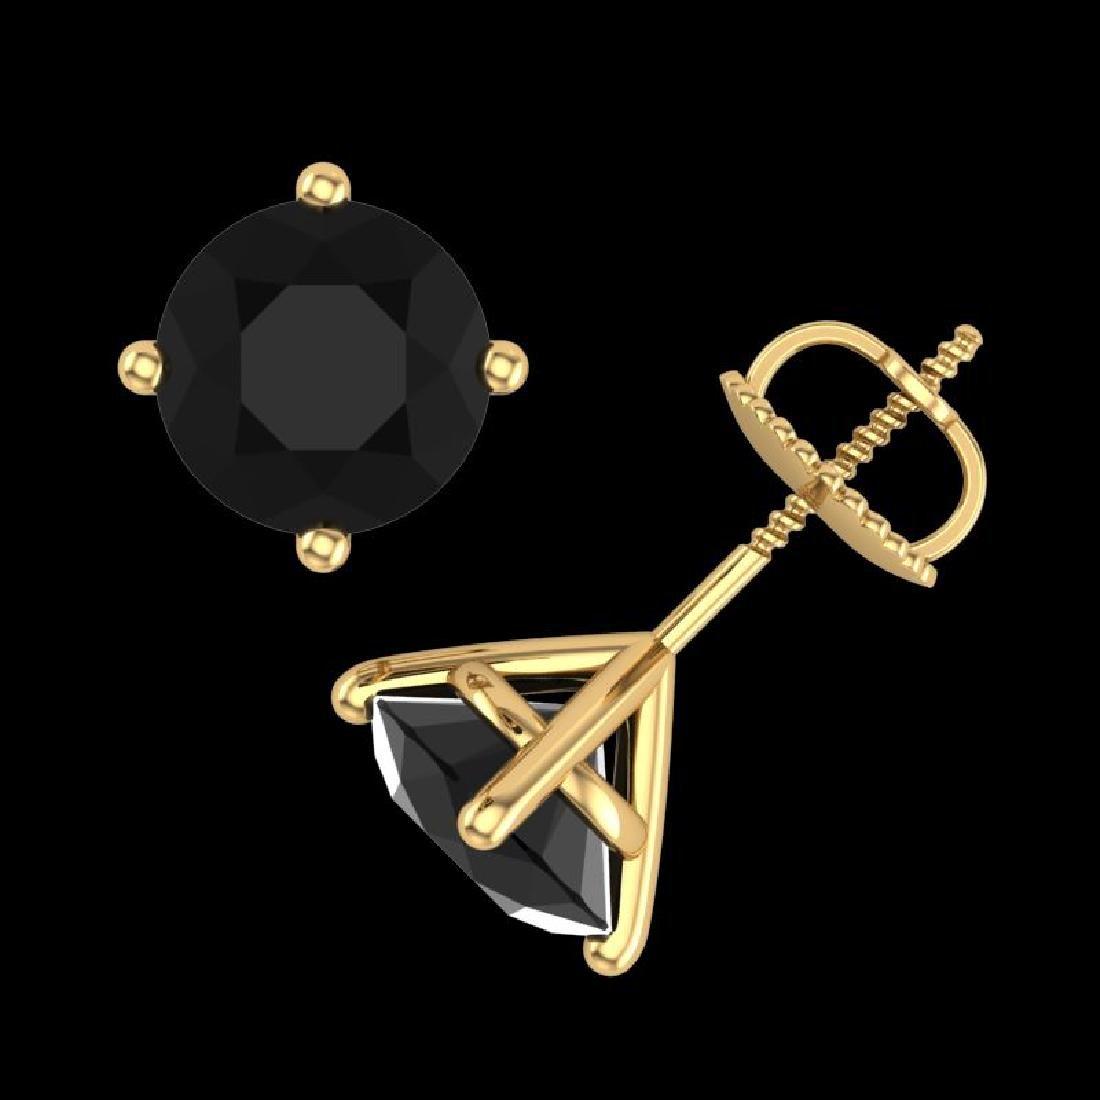 3.01 CTW Fancy Black Diamond Solitaire Art Deco Stud - 3